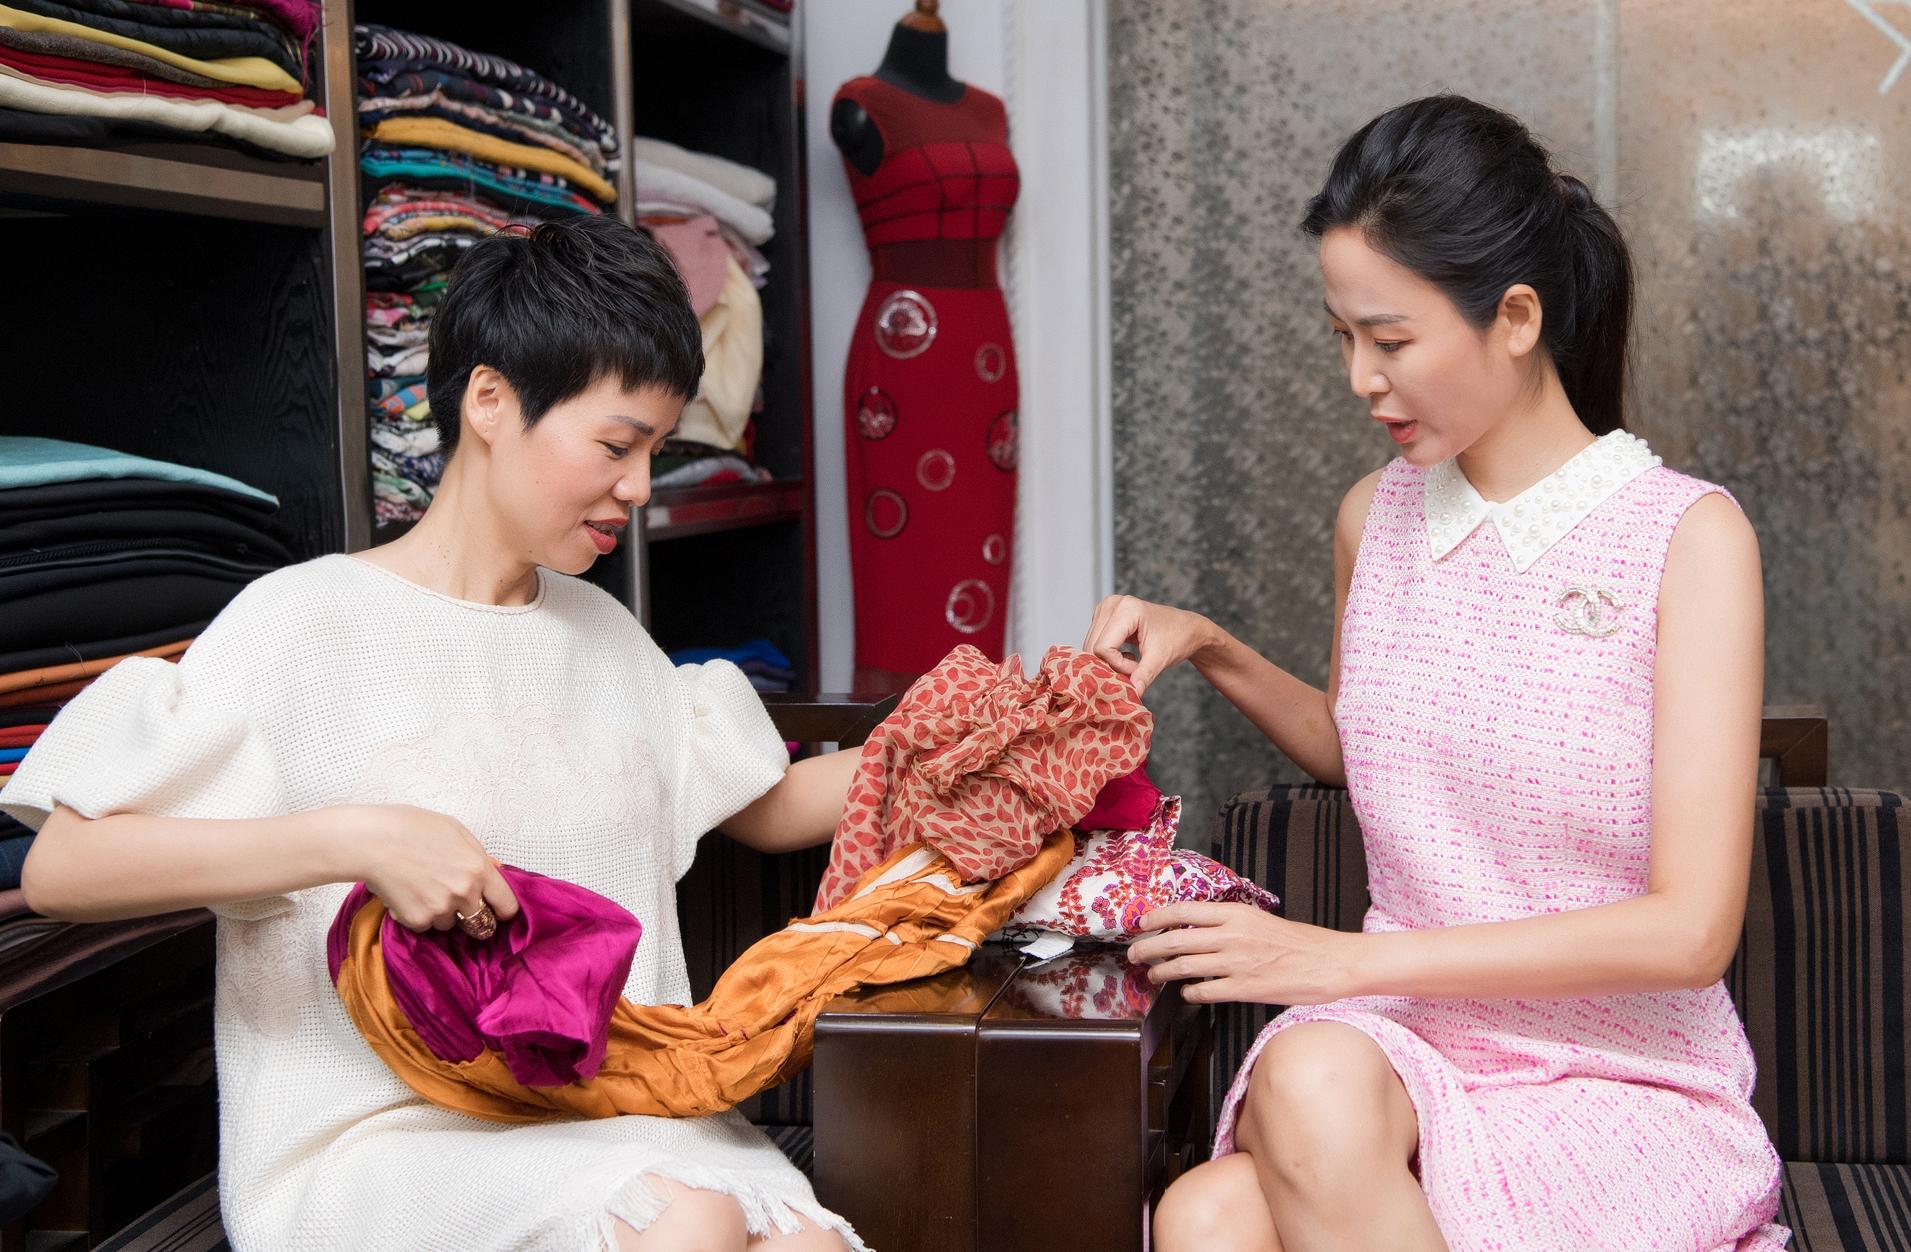 Á hậu Thụy Vân quyên góp trang phục cũ ủng hộ chiến dịch tái chế của NTK Xuân Lê - Ảnh 4.